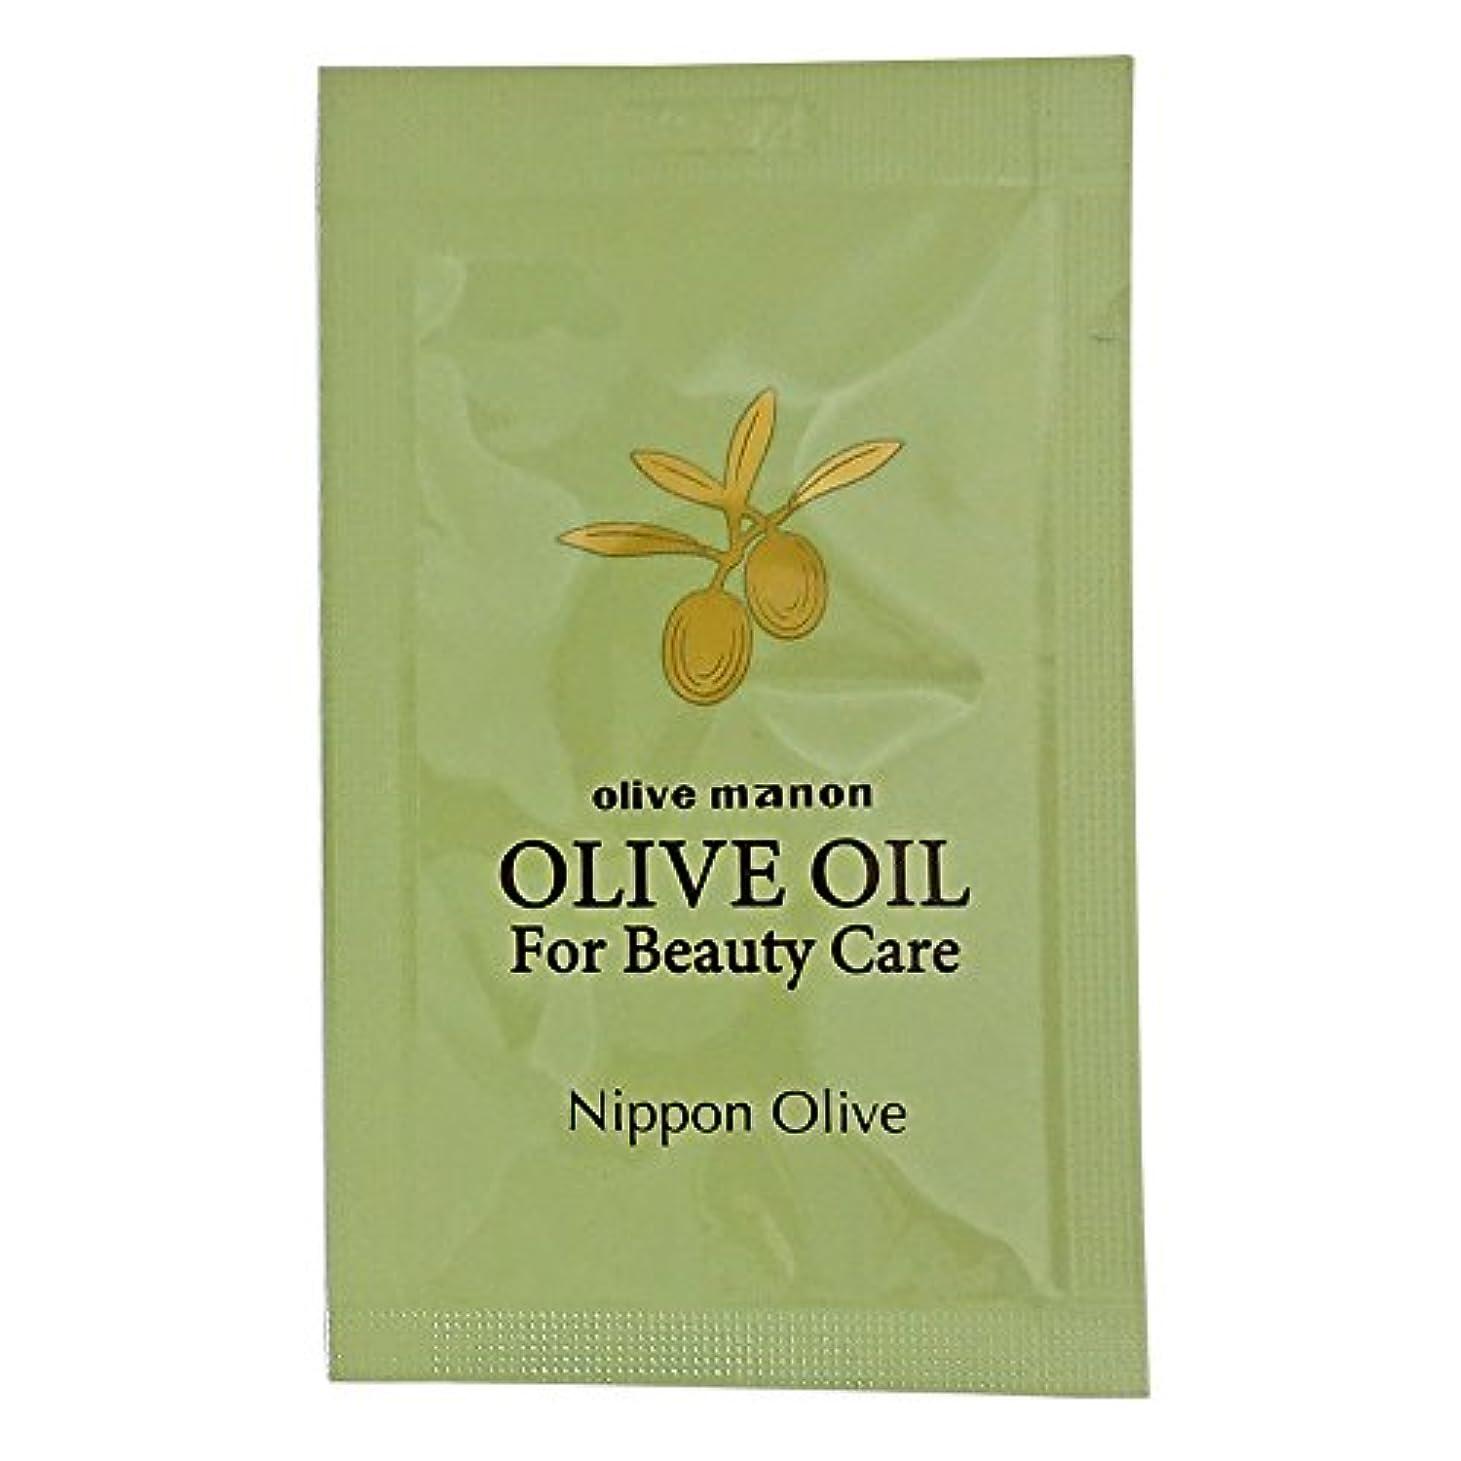 スモッグ嫌い勇者日本オリーブ オリーブマノン 化粧用オリーブオイル<化粧用油>4ml